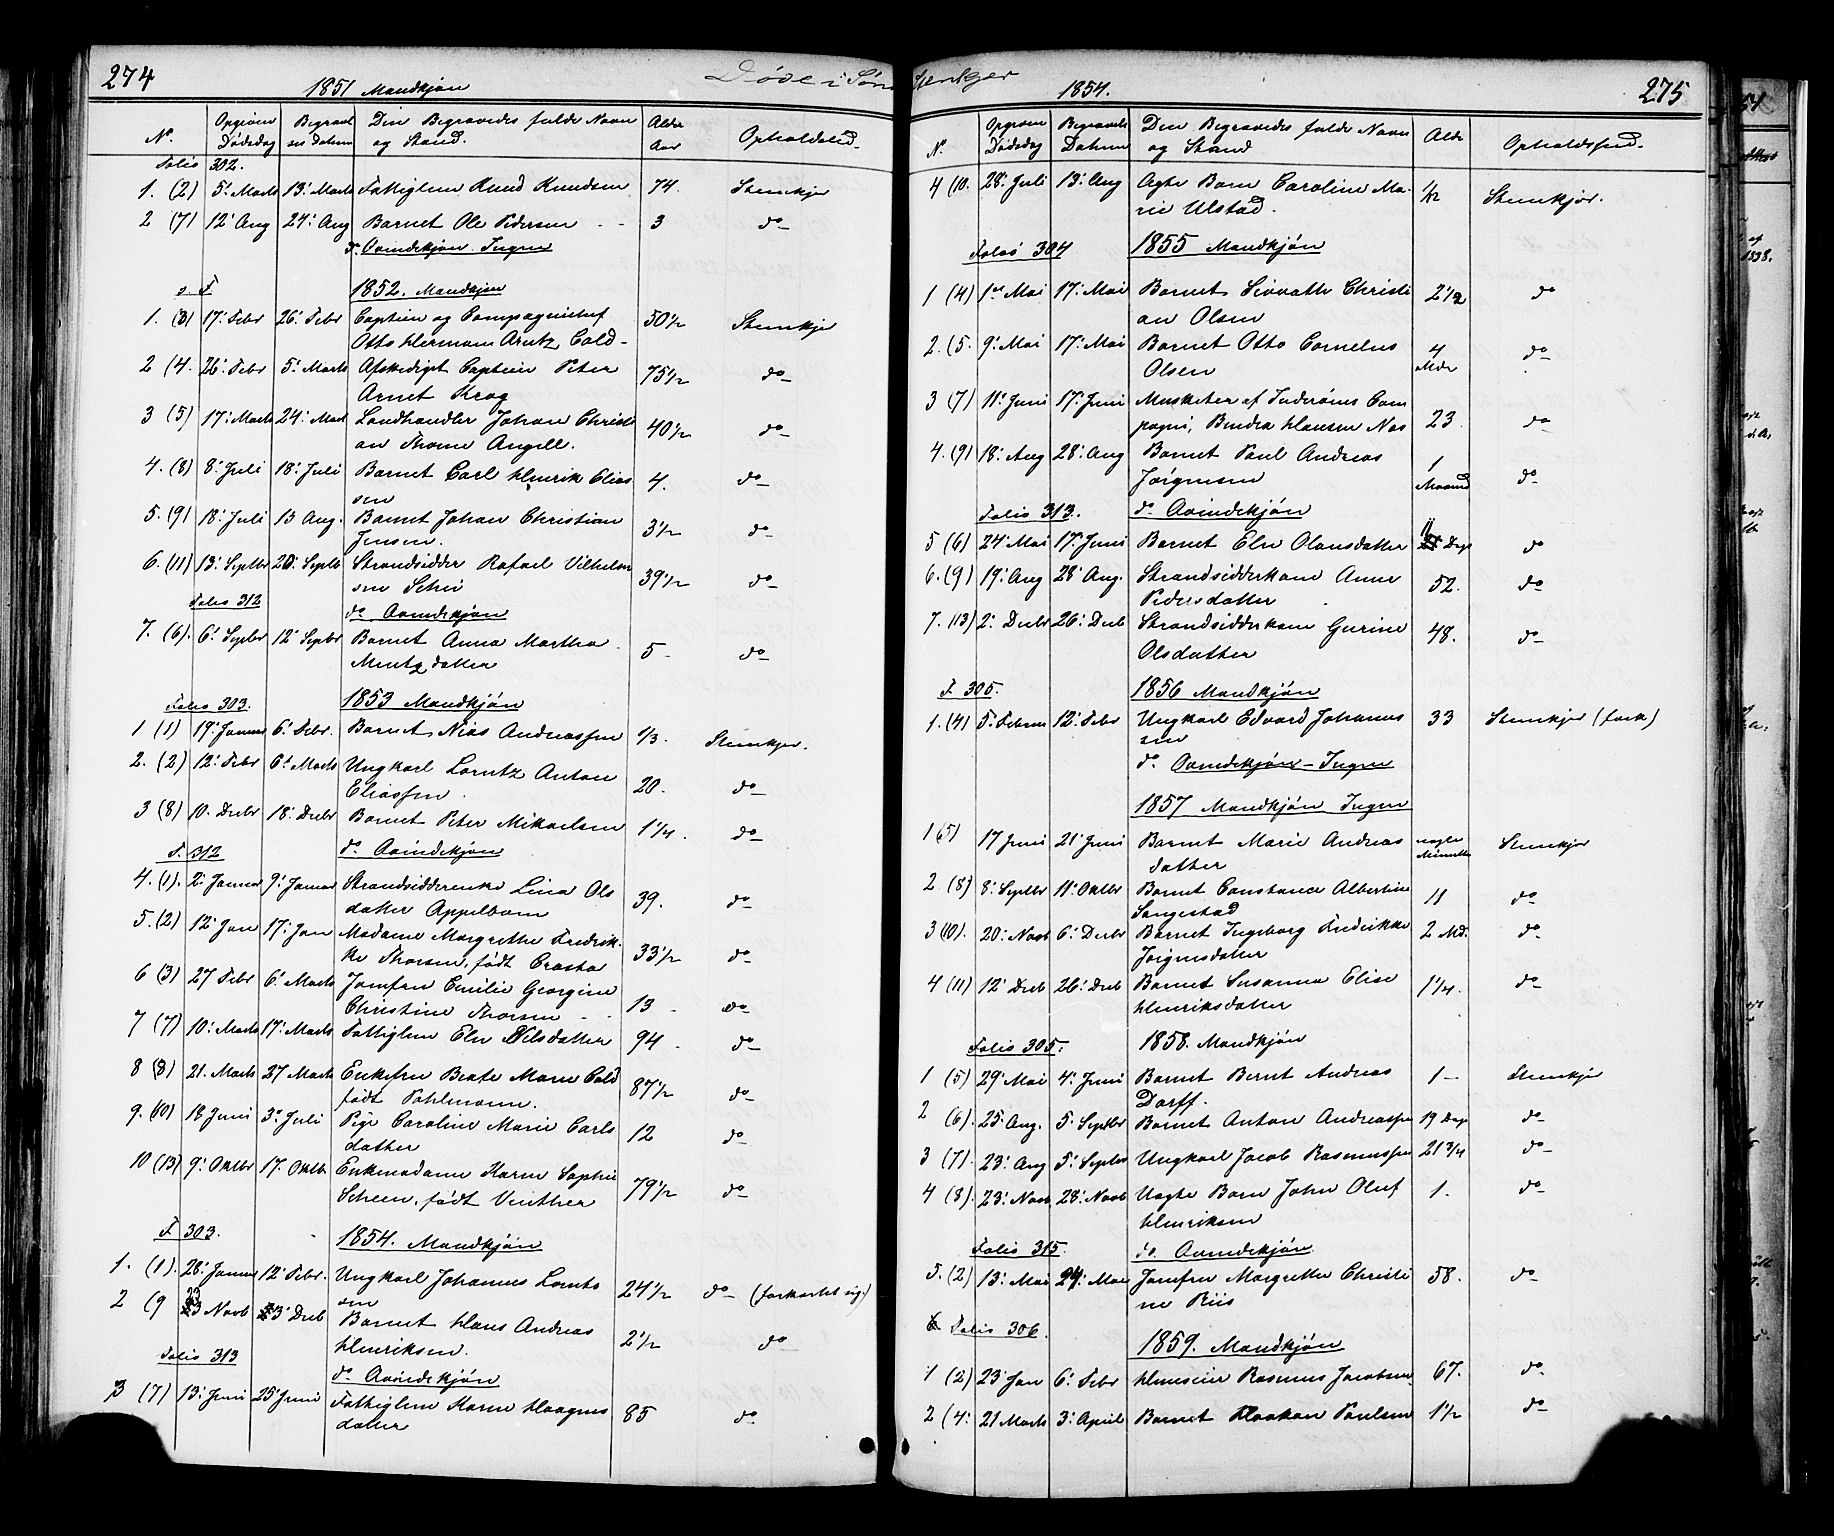 SAT, Ministerialprotokoller, klokkerbøker og fødselsregistre - Nord-Trøndelag, 739/L0367: Ministerialbok nr. 739A01 /1, 1838-1868, s. 274-275